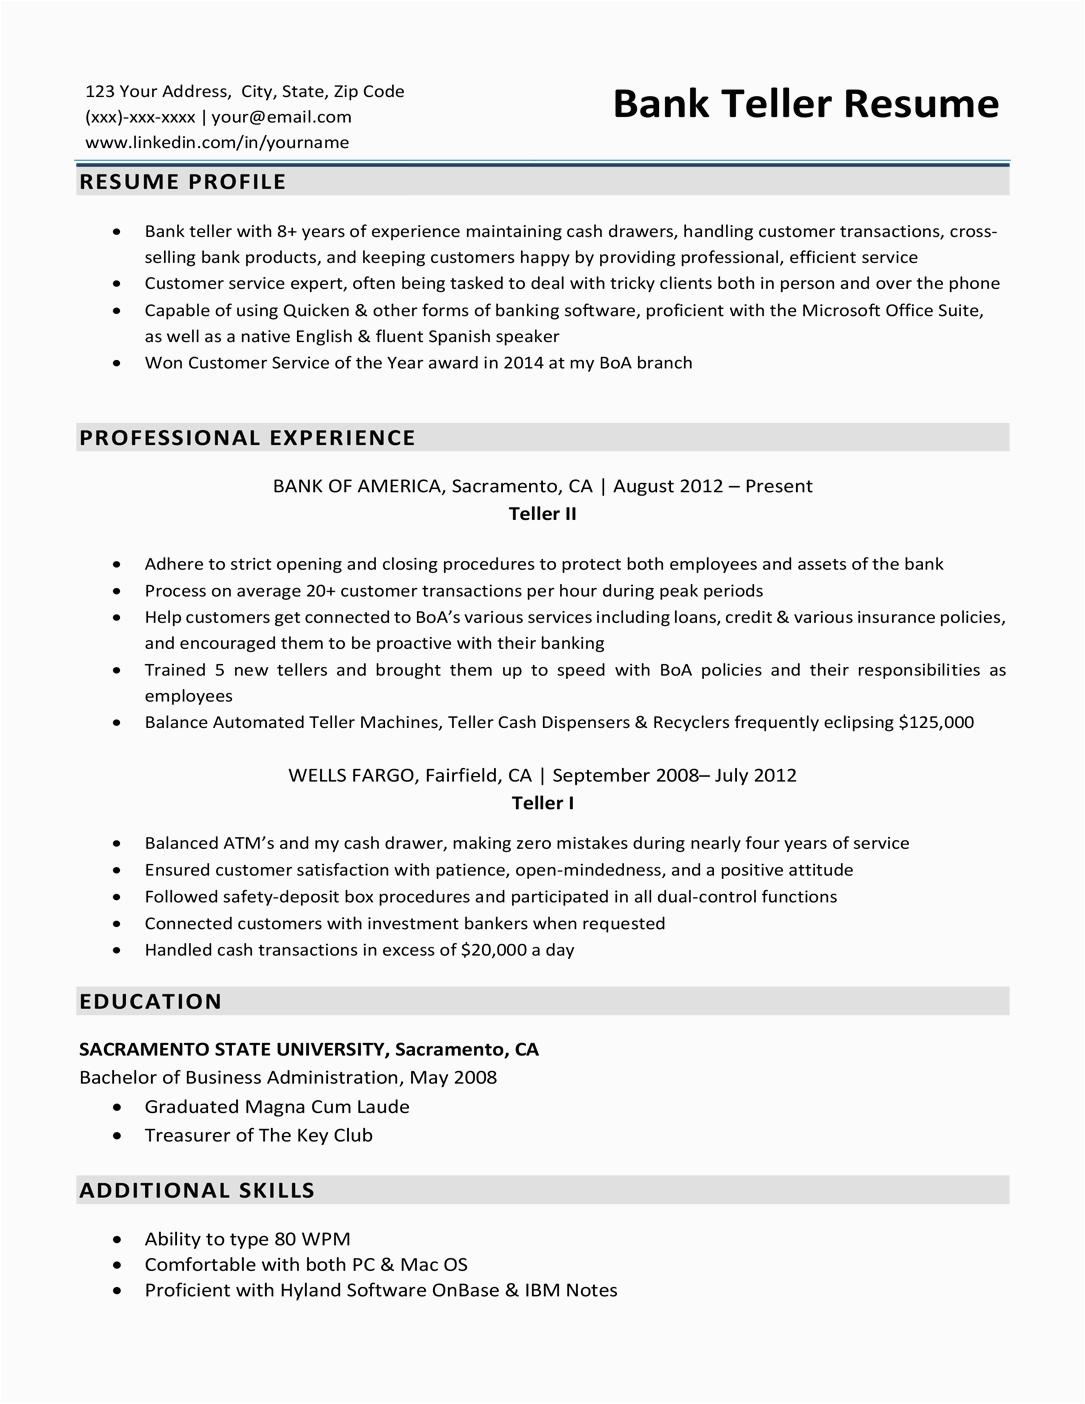 bank teller resume sample